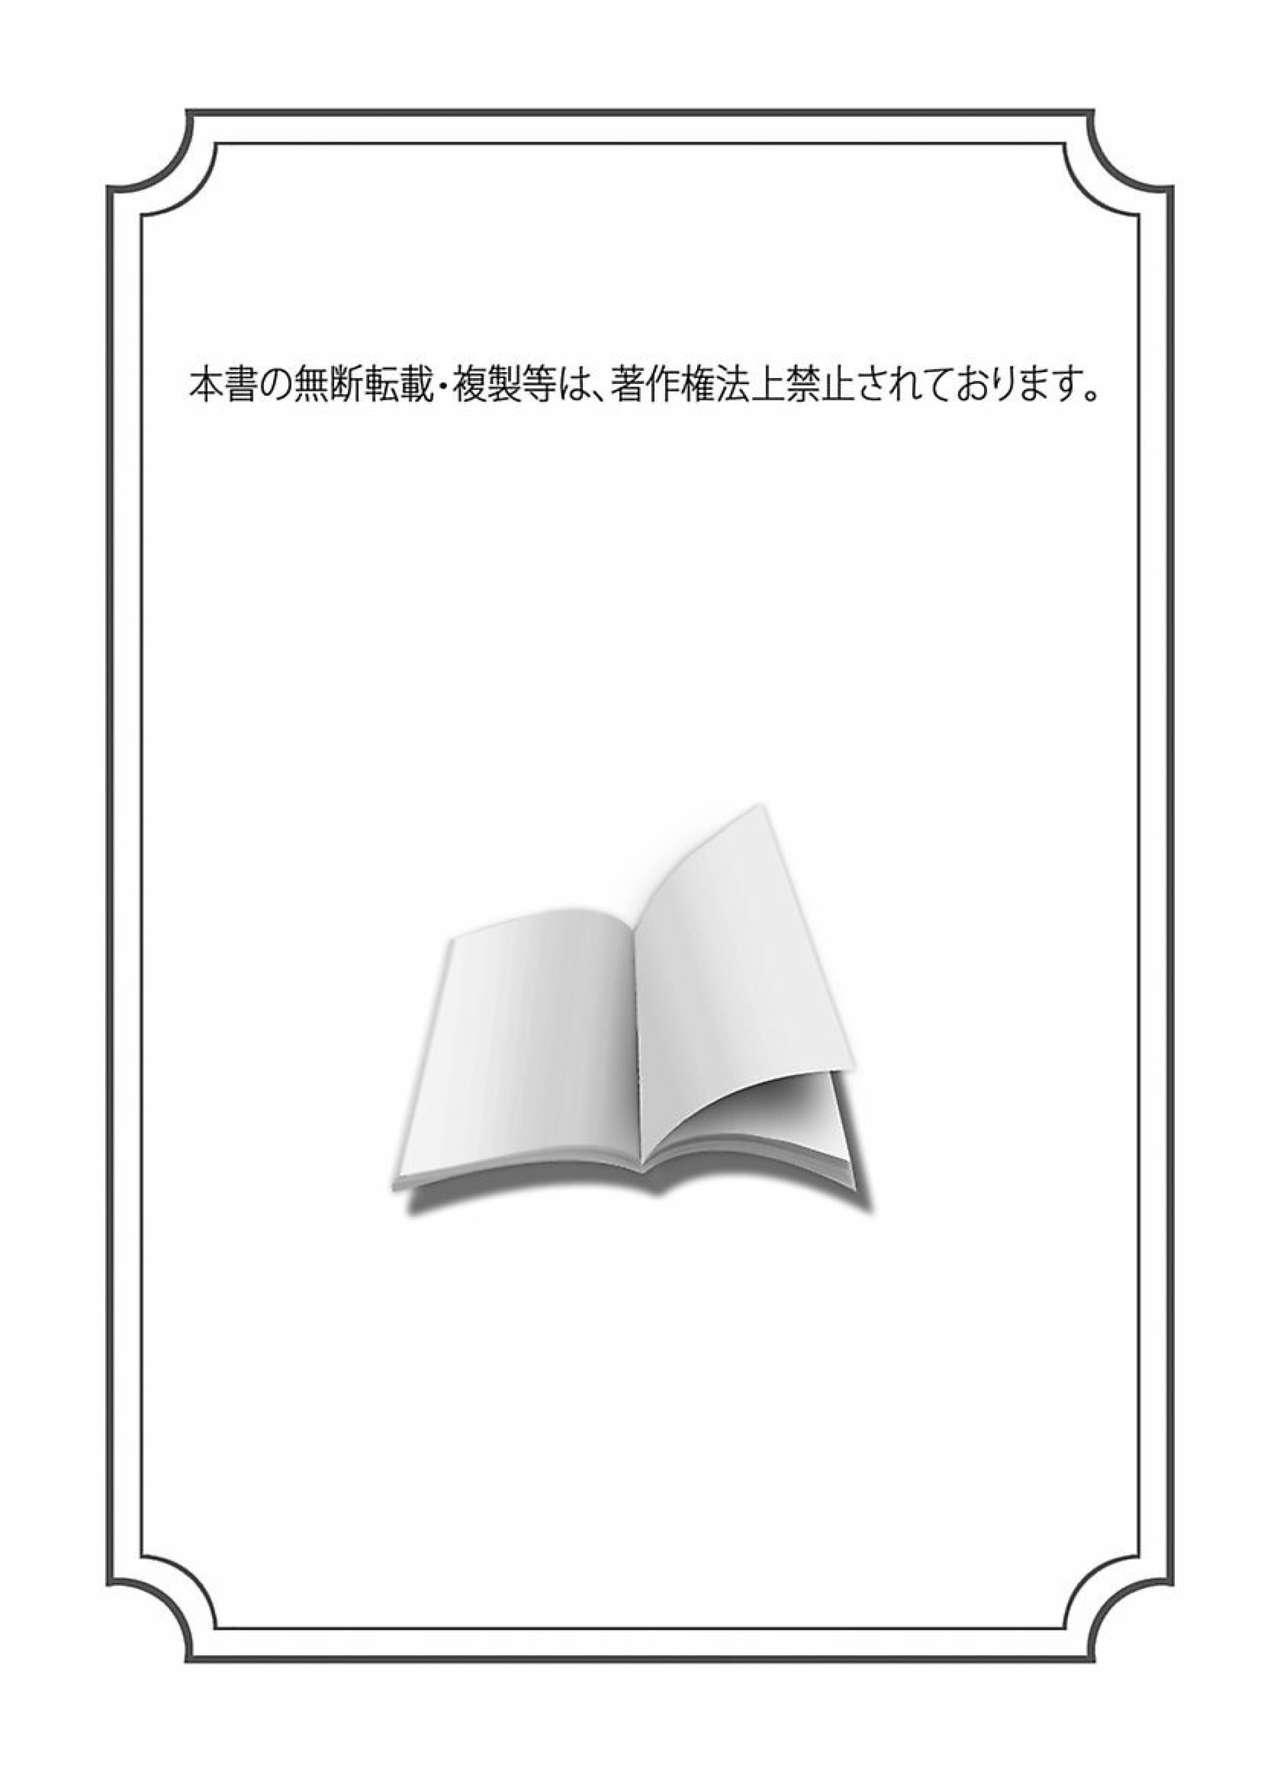 Midarashi Dango ~Boku no Hajimete Ubawarechatta Ch. 6 2